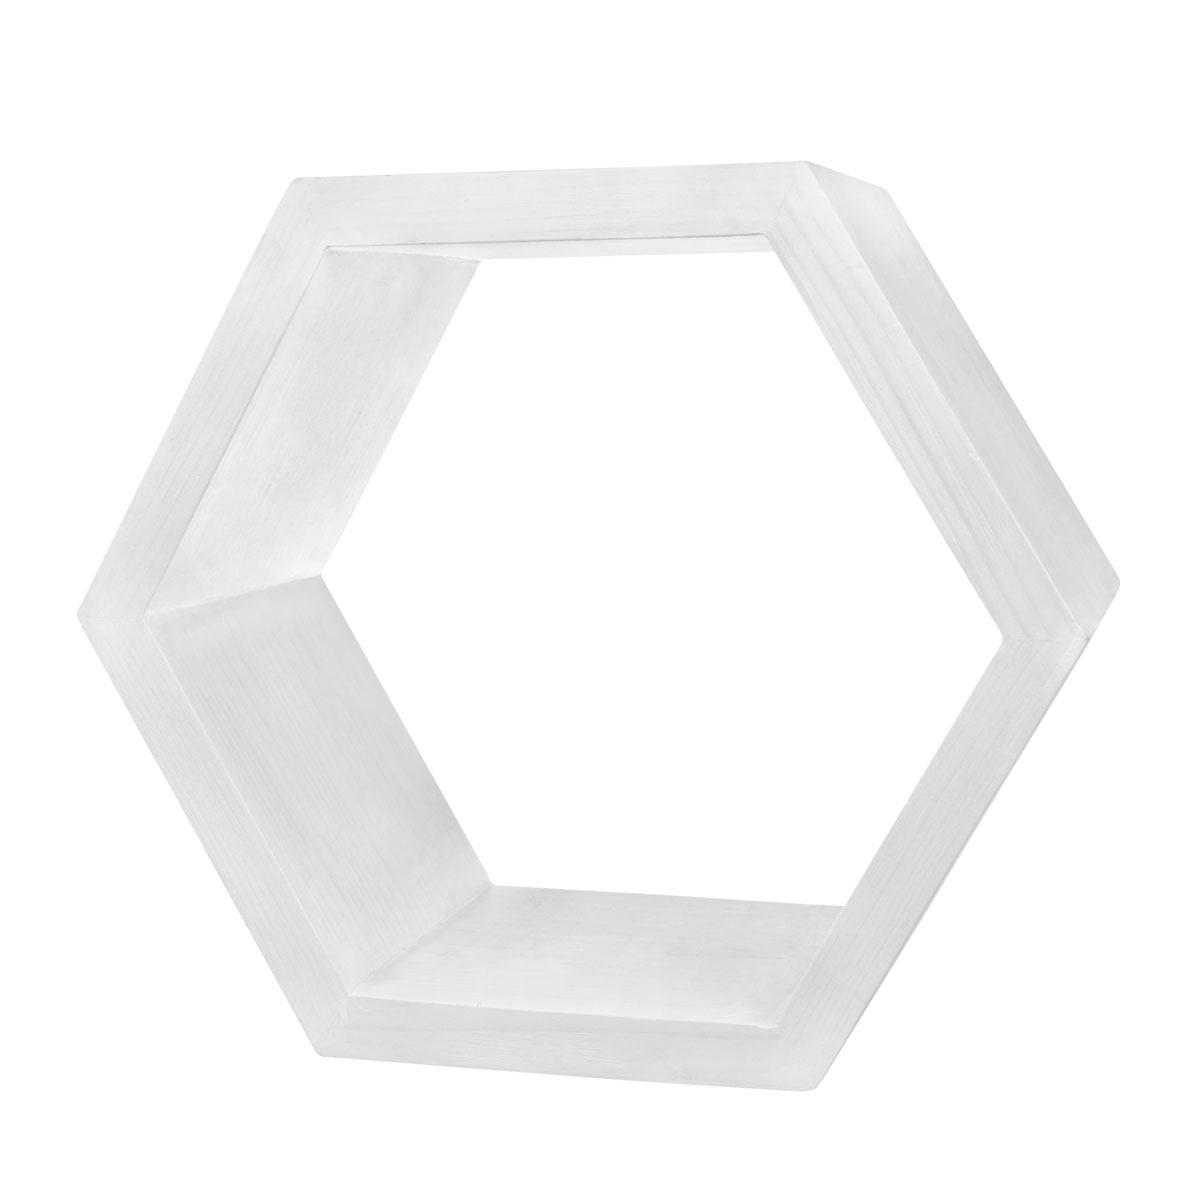 Декоративная полка EcoWoo 20 см, цвет: белый36.38.40/94-528_белыйОригинальные деревянные полки шестигранники. Отличное решение для декорирования комнаты. Несколько полок можно складывать в причудливые сочетания, ограниченные только вашей фантазией. Любой цвет и размер. Станьте креативными дизайнерами своего жилого пространства!